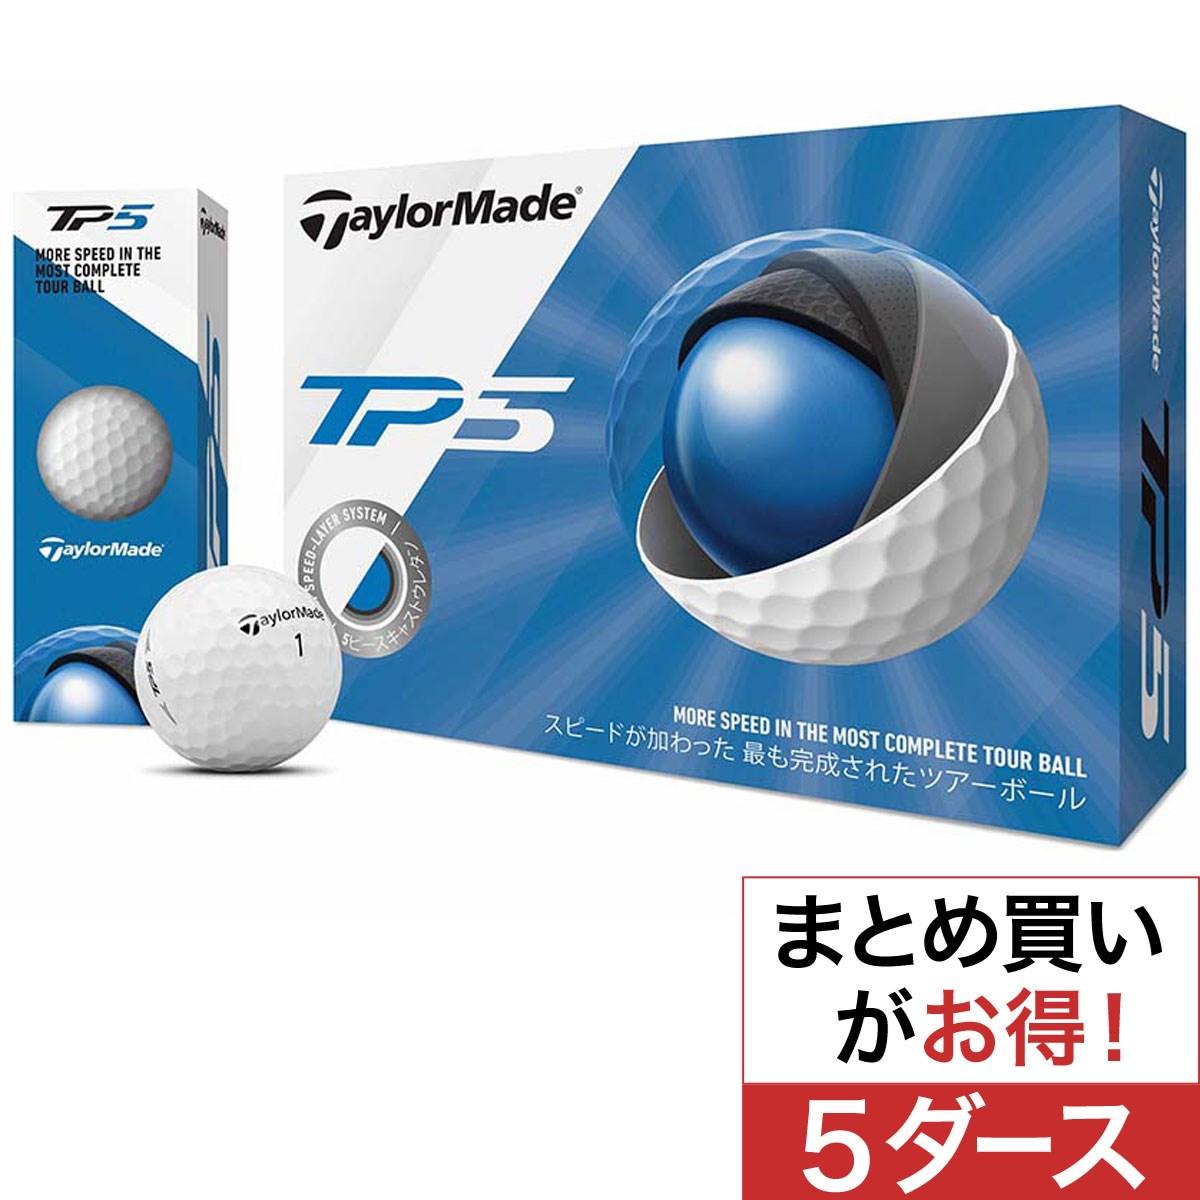 テーラーメイド(Taylor Made) TP5 ボール 5ダースセット